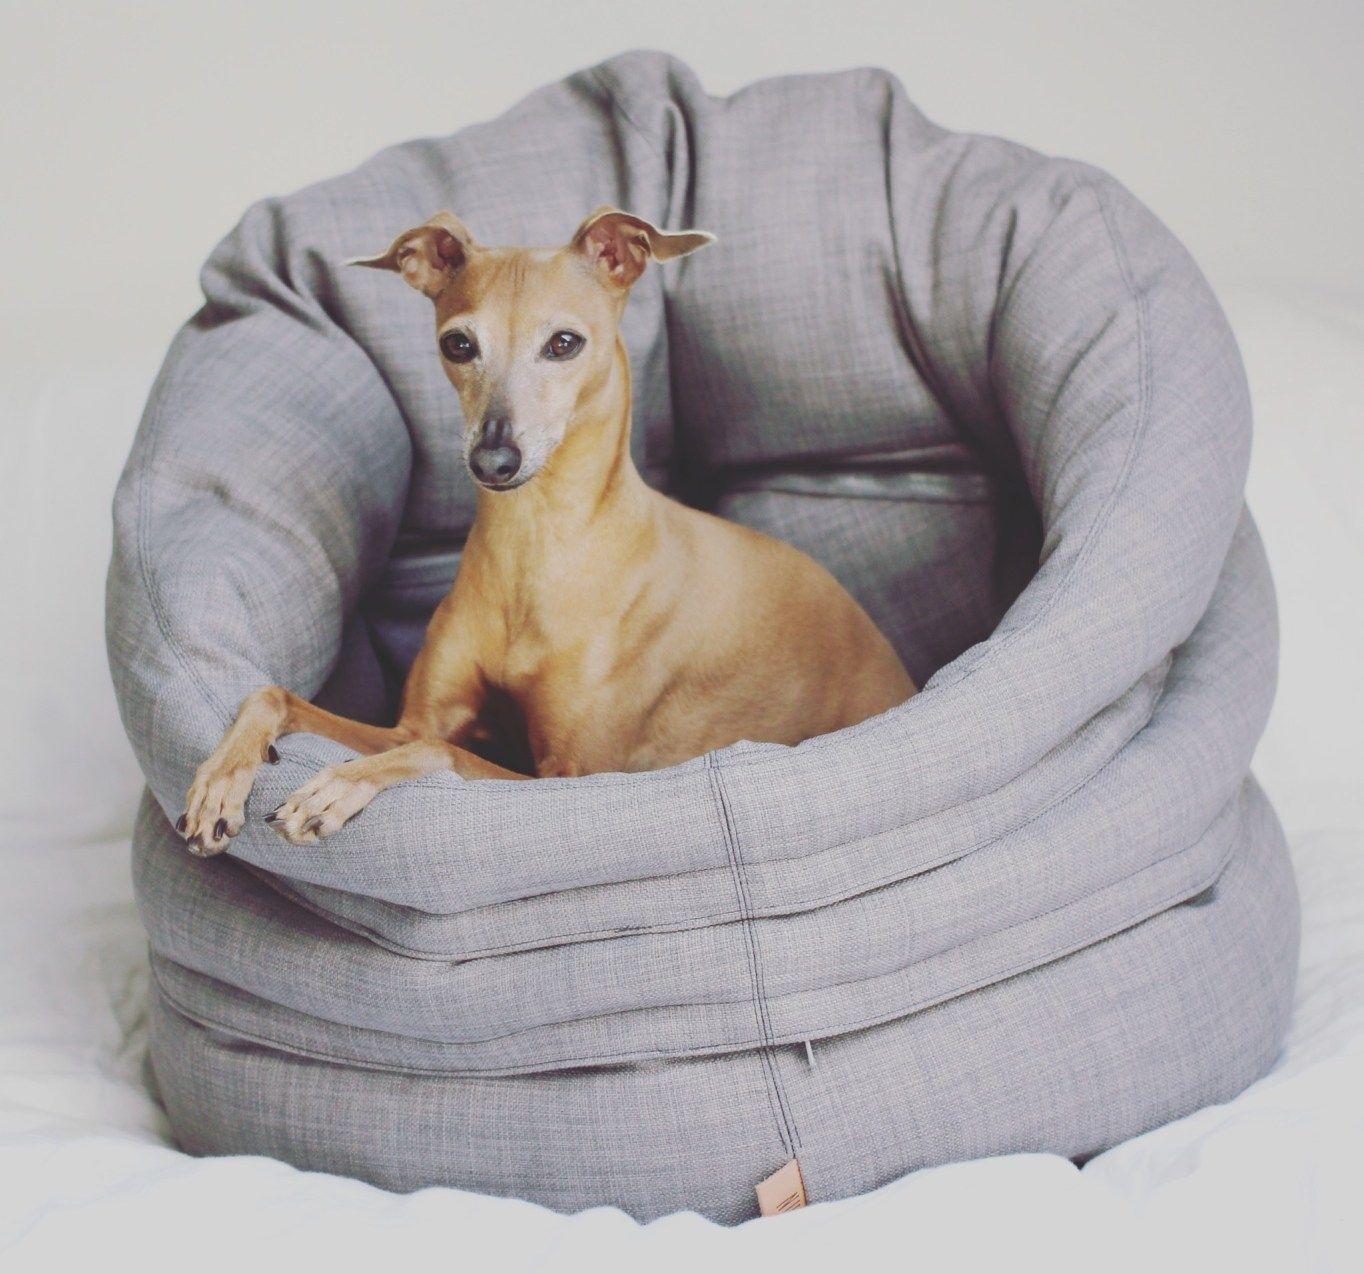 4 tipps f r einen entspannten b roalltag mit hund anzeige the windy willa sleepy. Black Bedroom Furniture Sets. Home Design Ideas